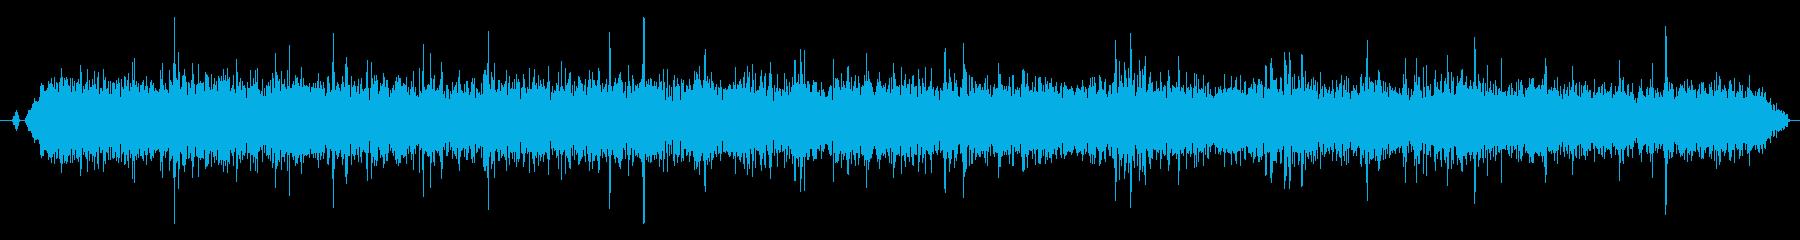 ステレオ感のある拍手、拍手喝采の効果音2の再生済みの波形